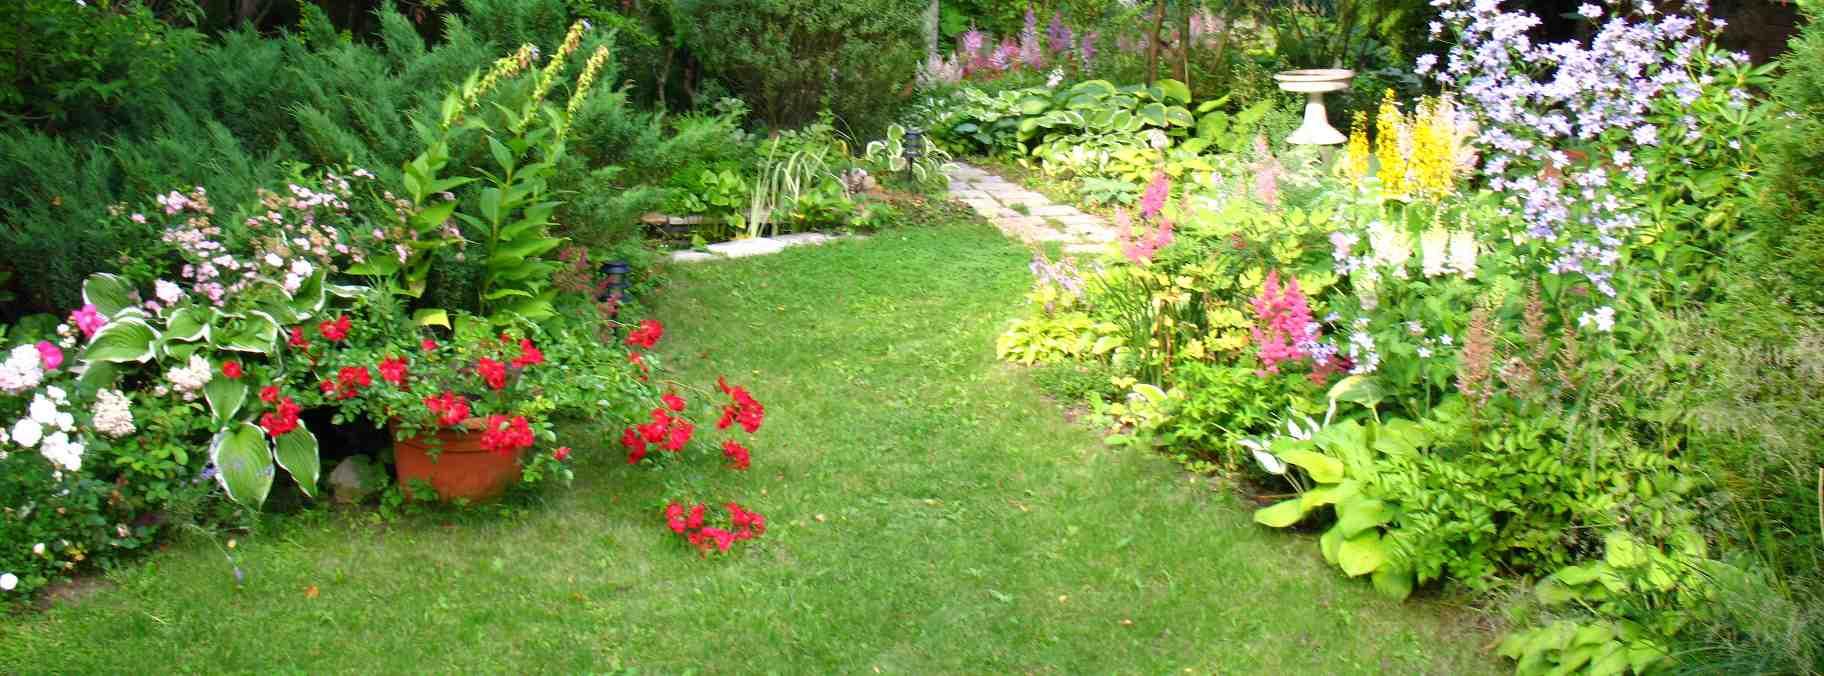 Добро пожаловать на сайт сад флоранс